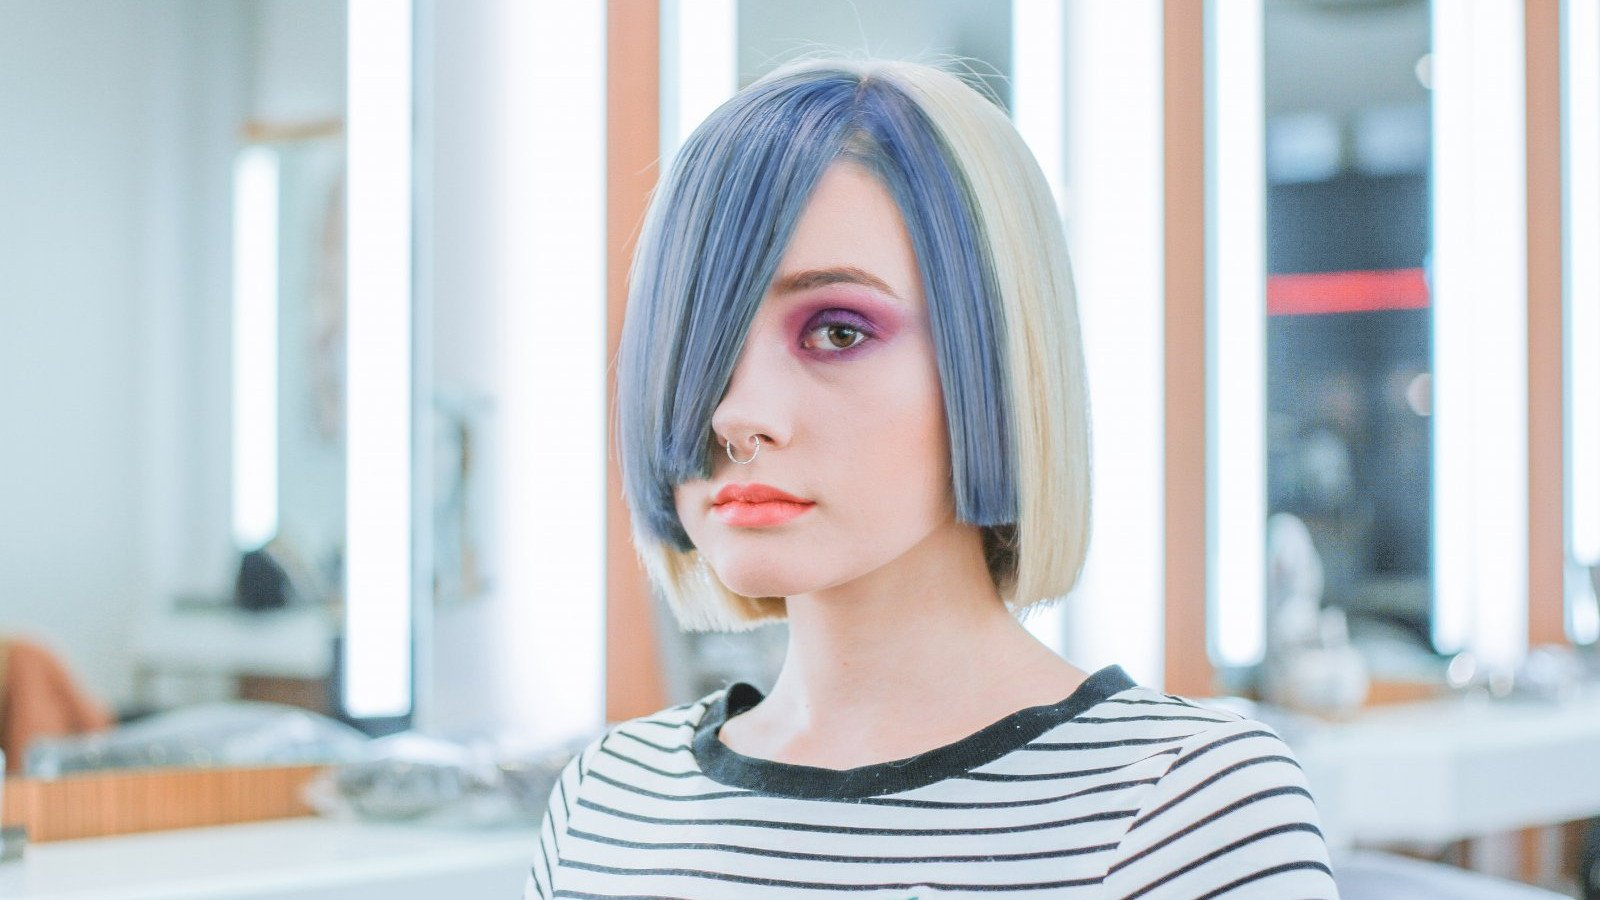 La decoloración daña nuestro pelo y contribuye a las roturas.